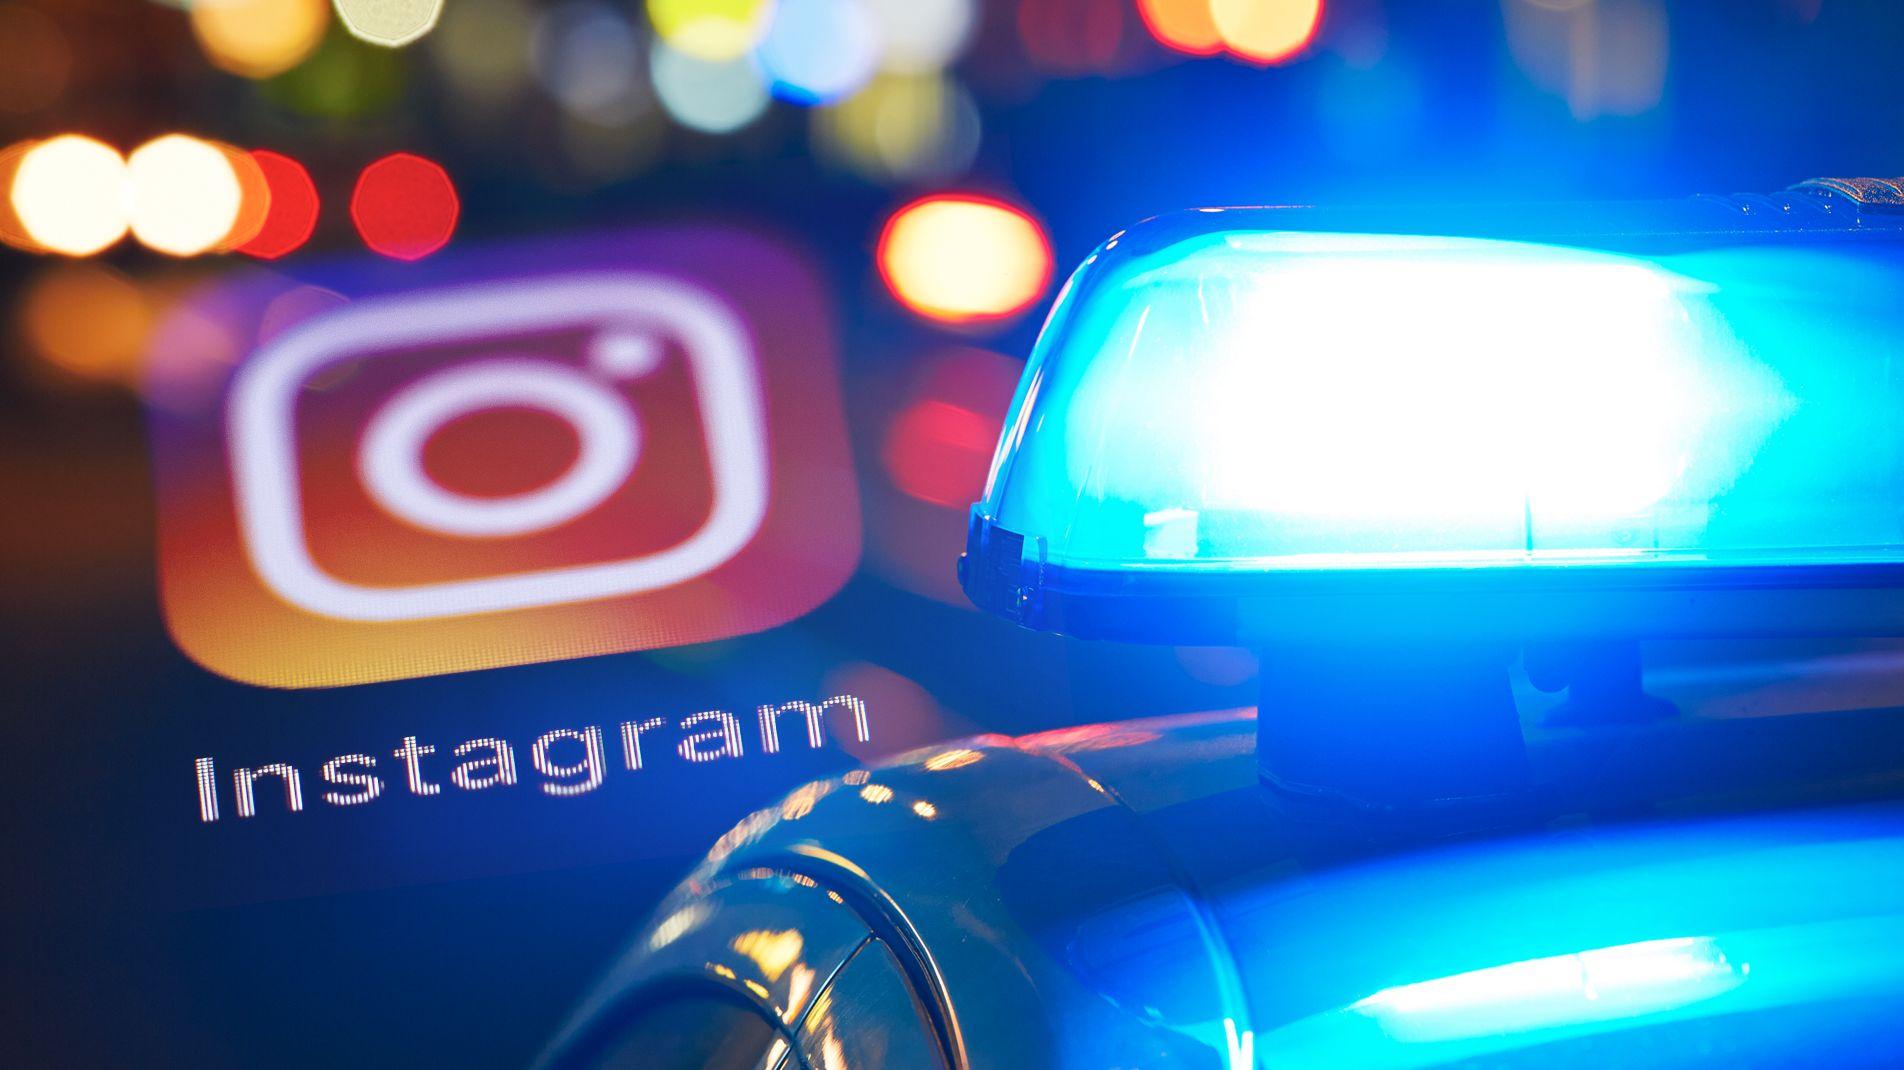 Die bayerische Polizei wird zukünftig nicht nur auf Twitter und Facebook, sondern auch auf Instagram unterwegs sein.